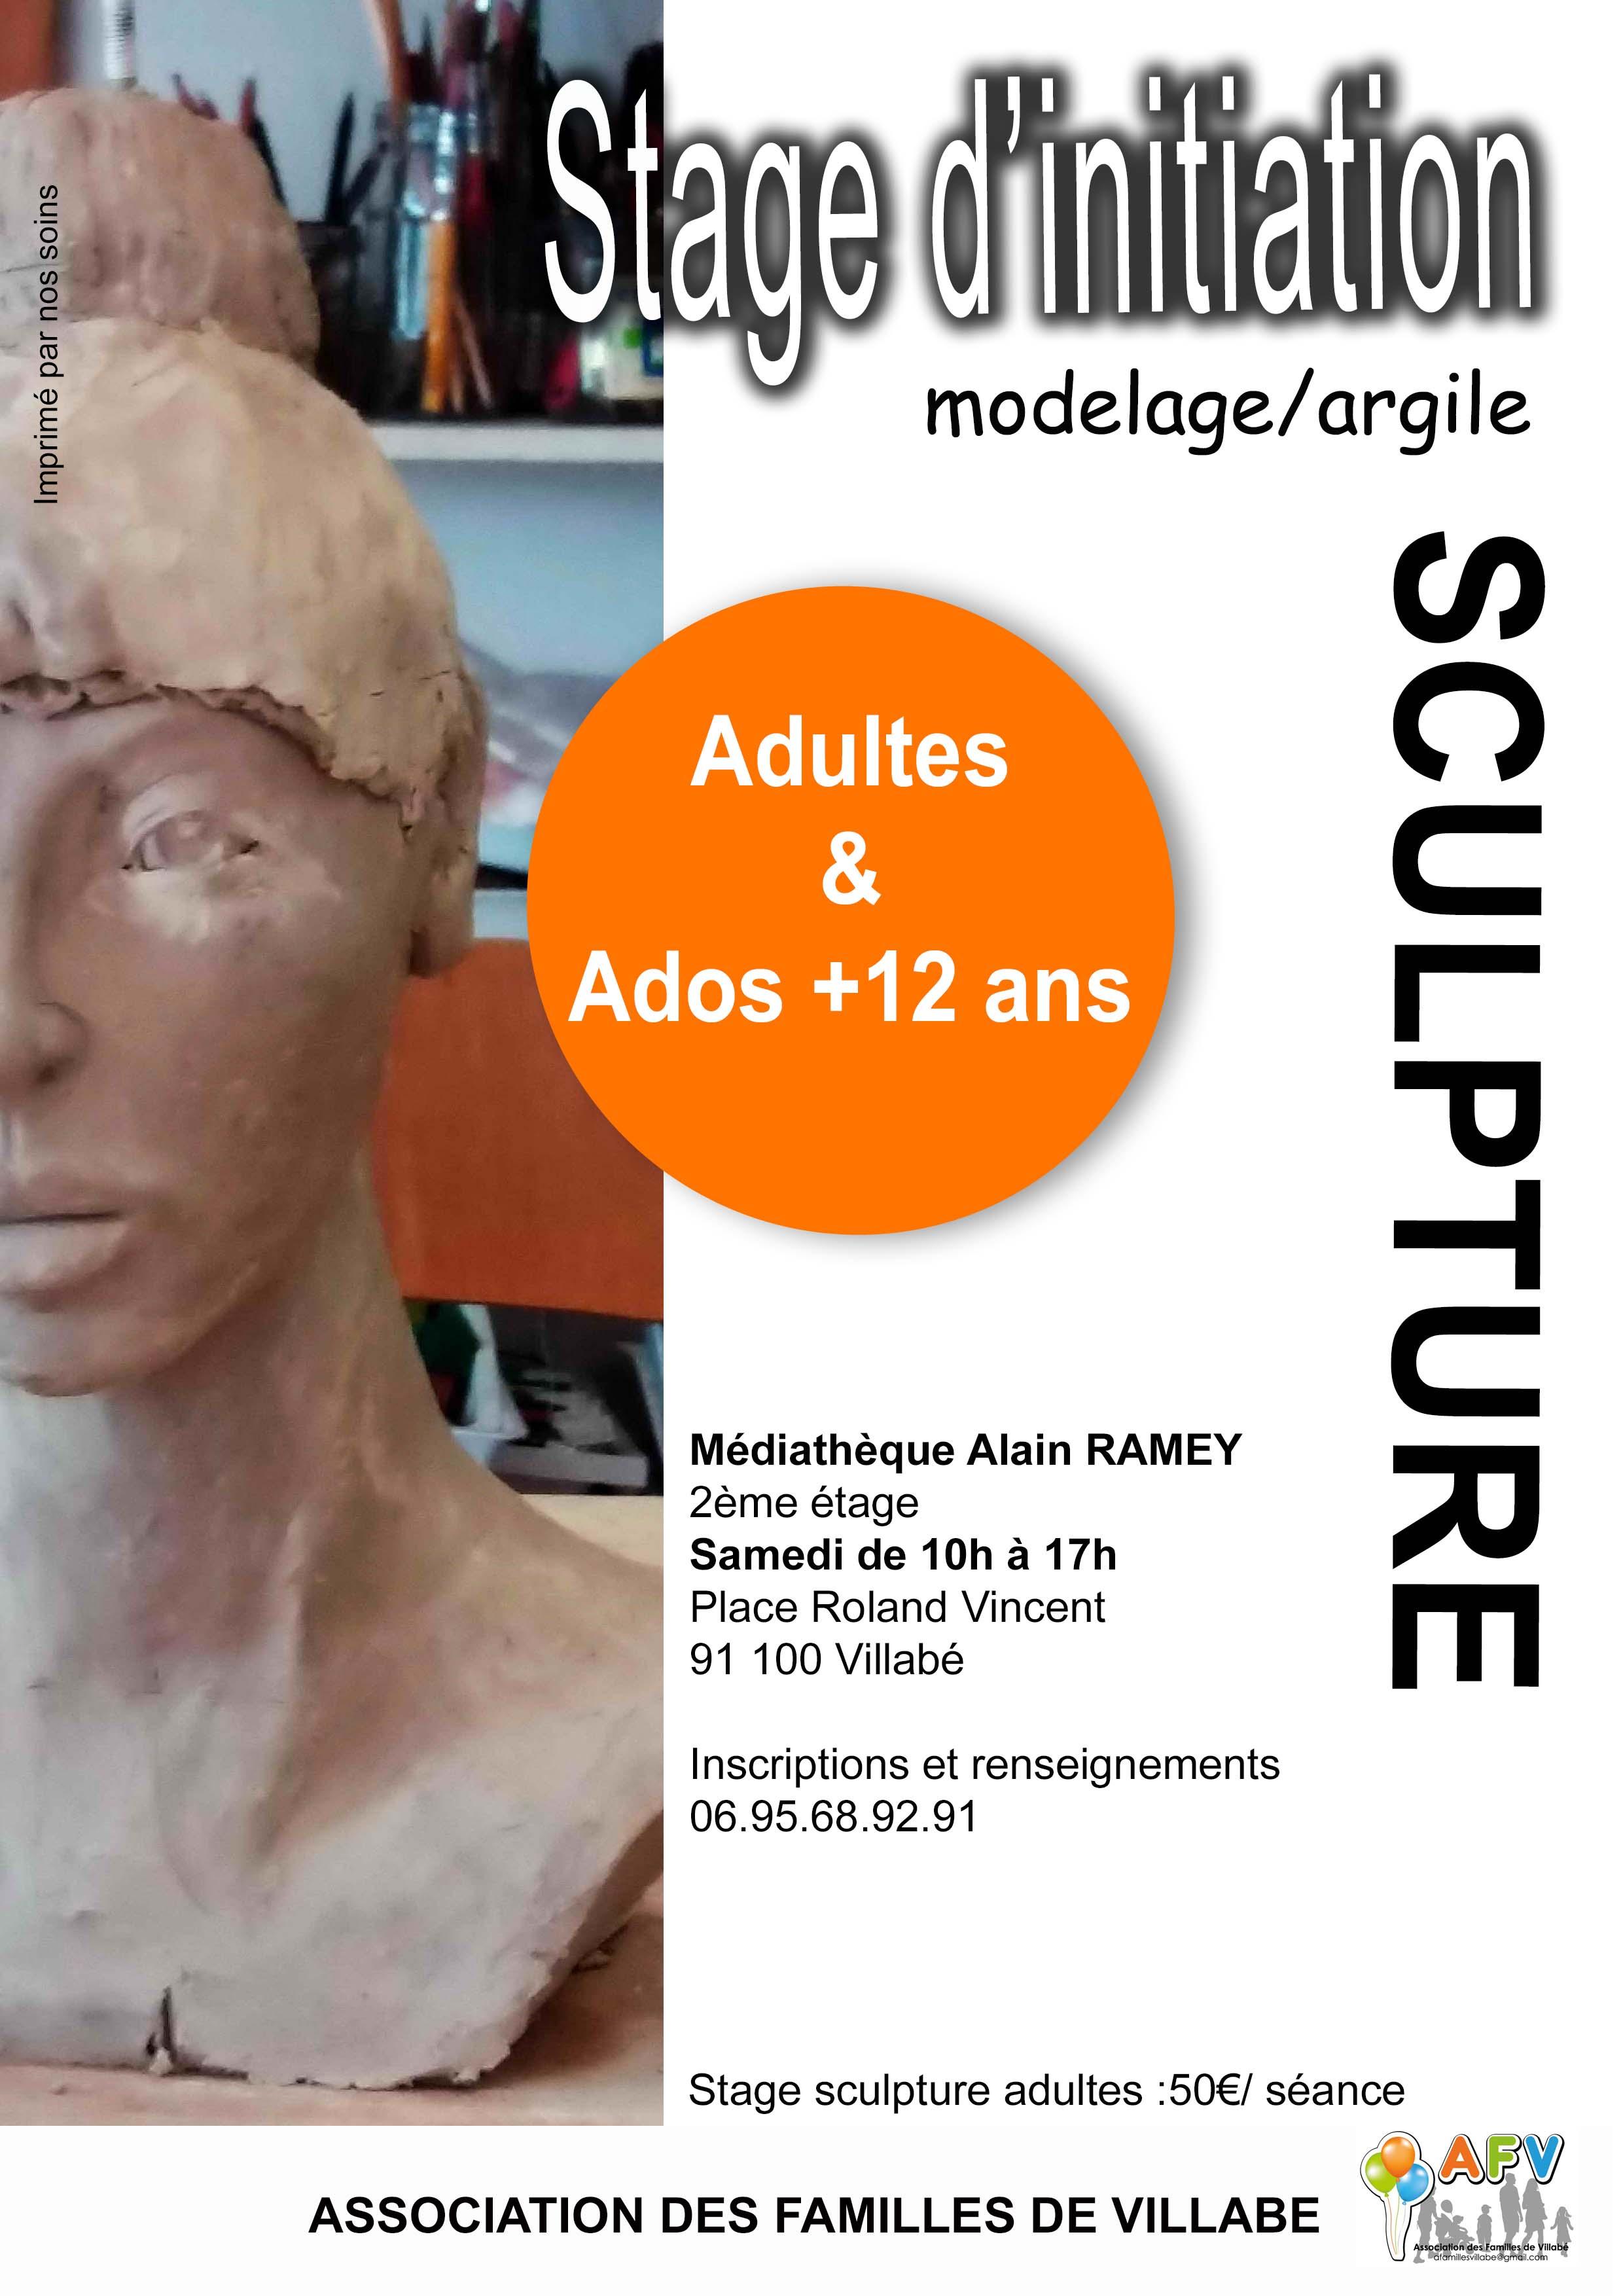 Une journée de sculpture – Adultes & ados + 12 ans